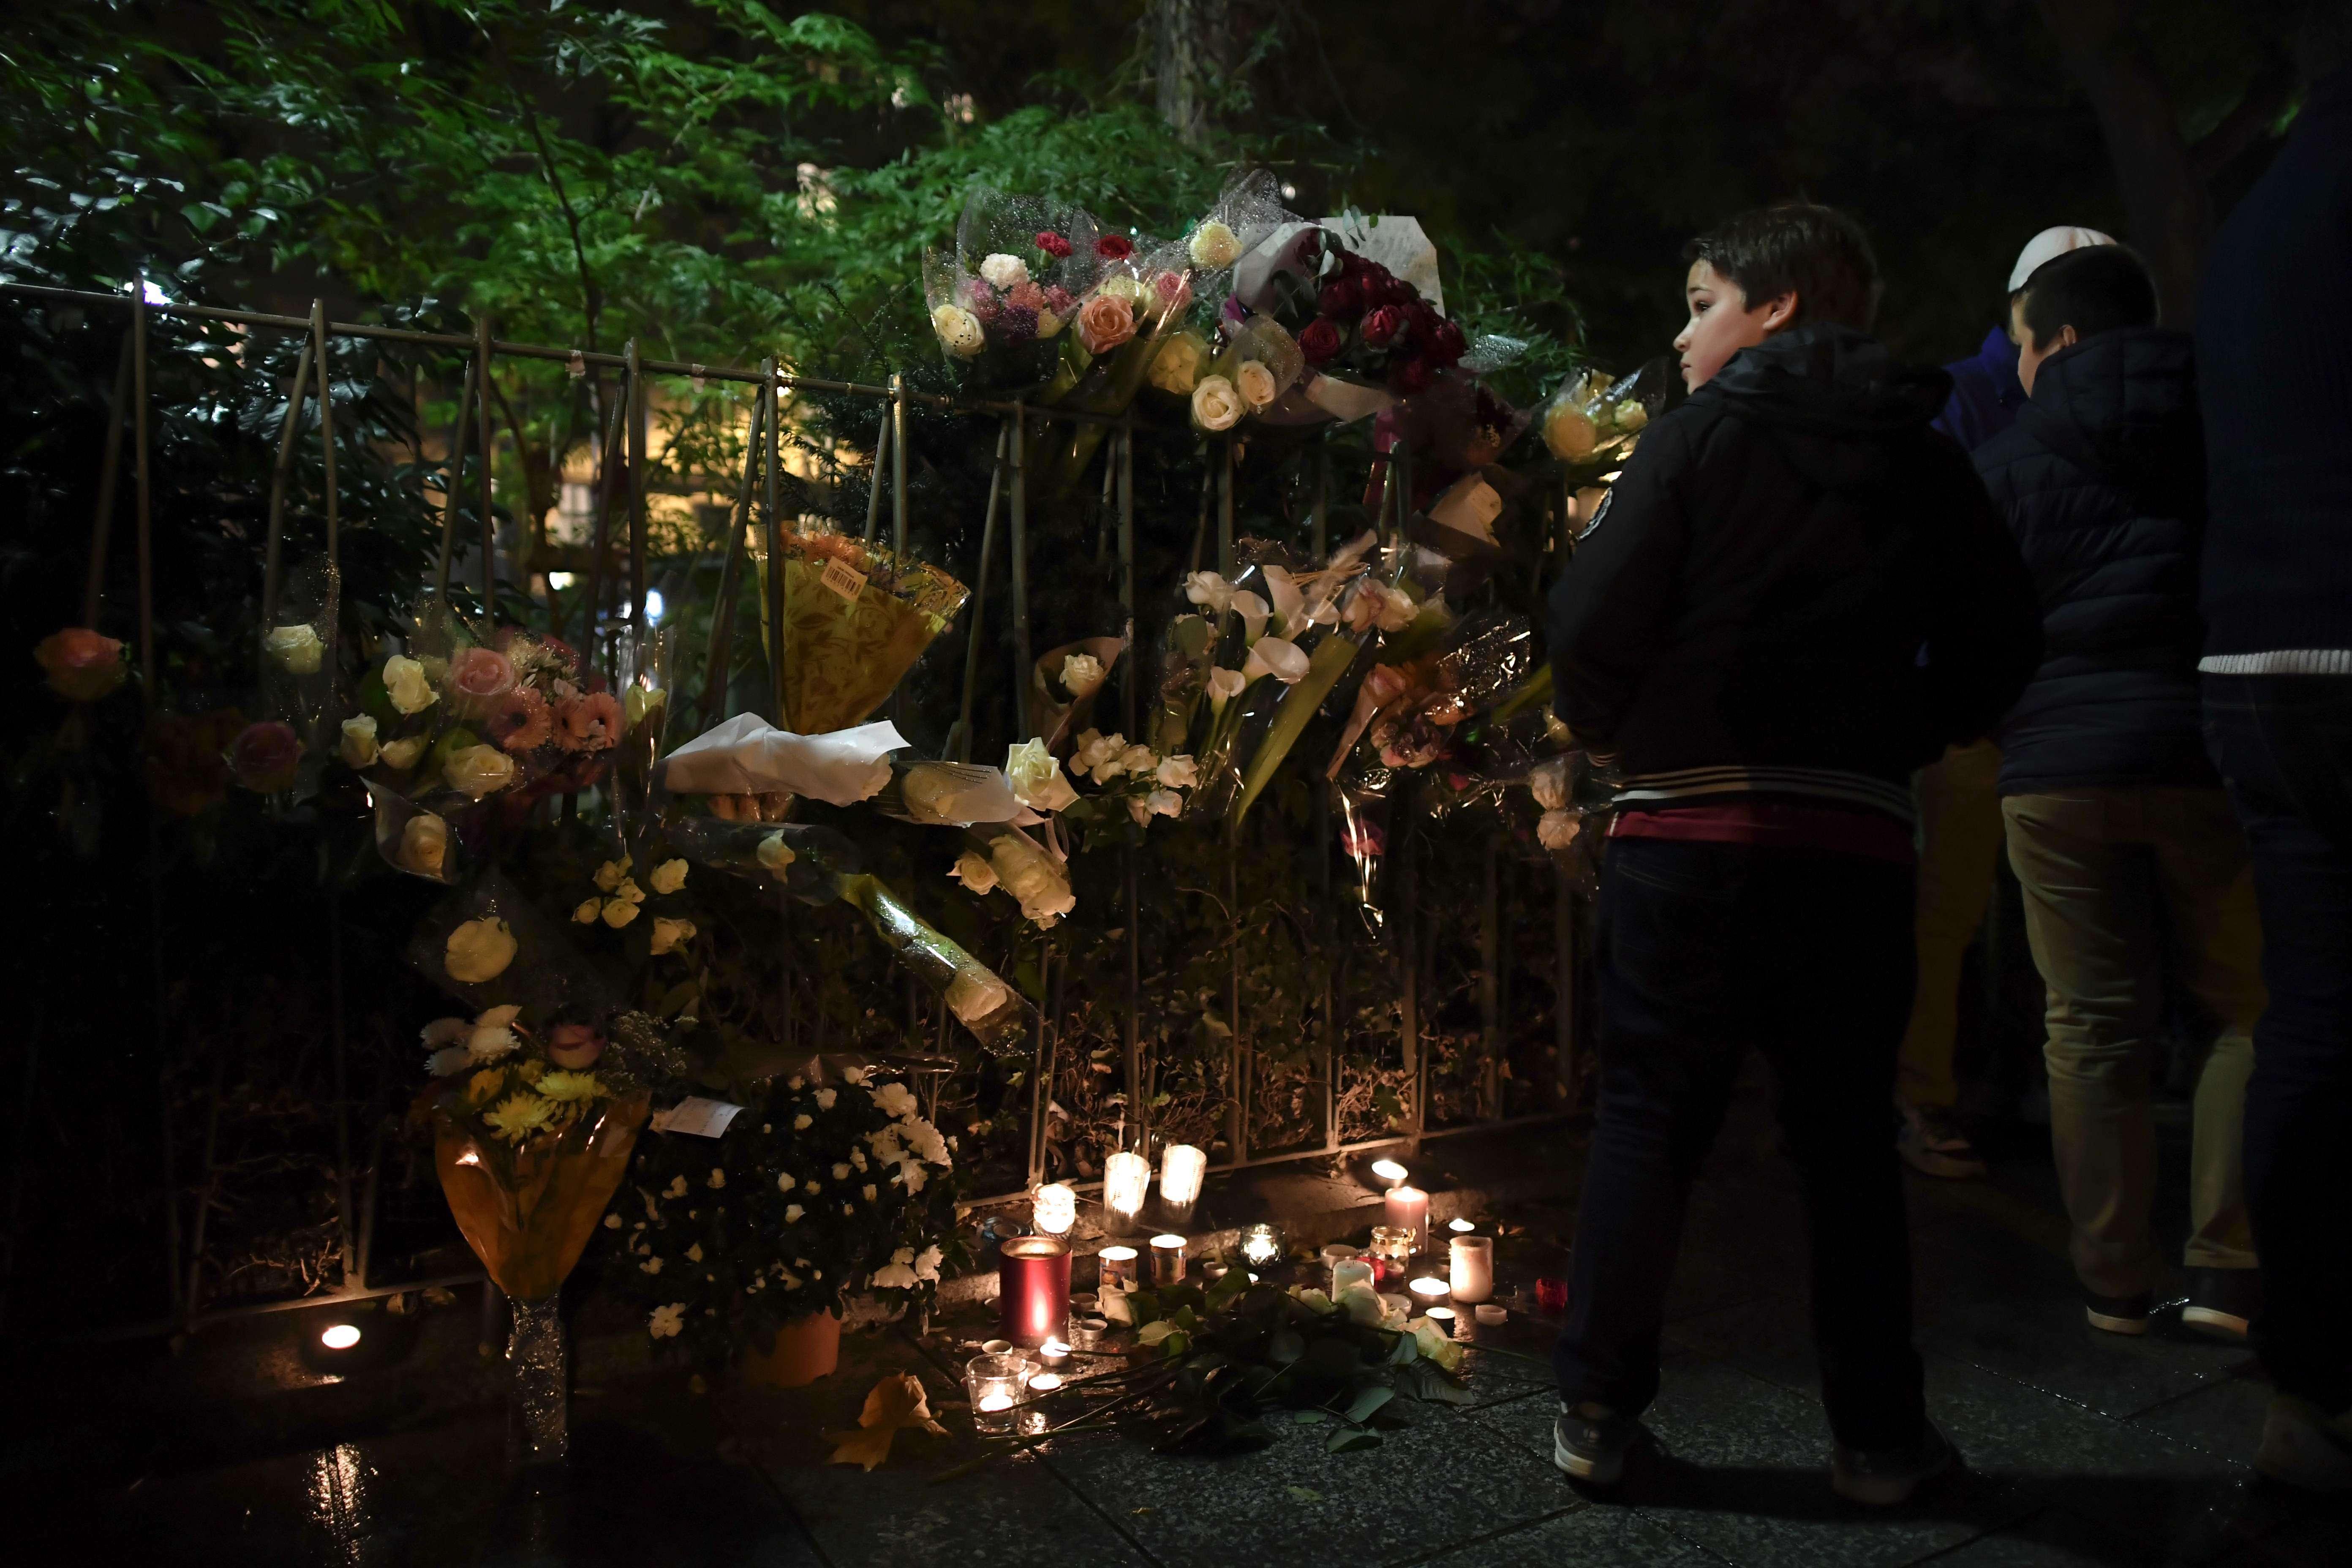 A proximité de l'entrée, bouquets de fleurs, bougies et messages rendent hommage aux victimes des trois djihadistes qui avaient fait irruption dans le Bataclan un an auparavant.